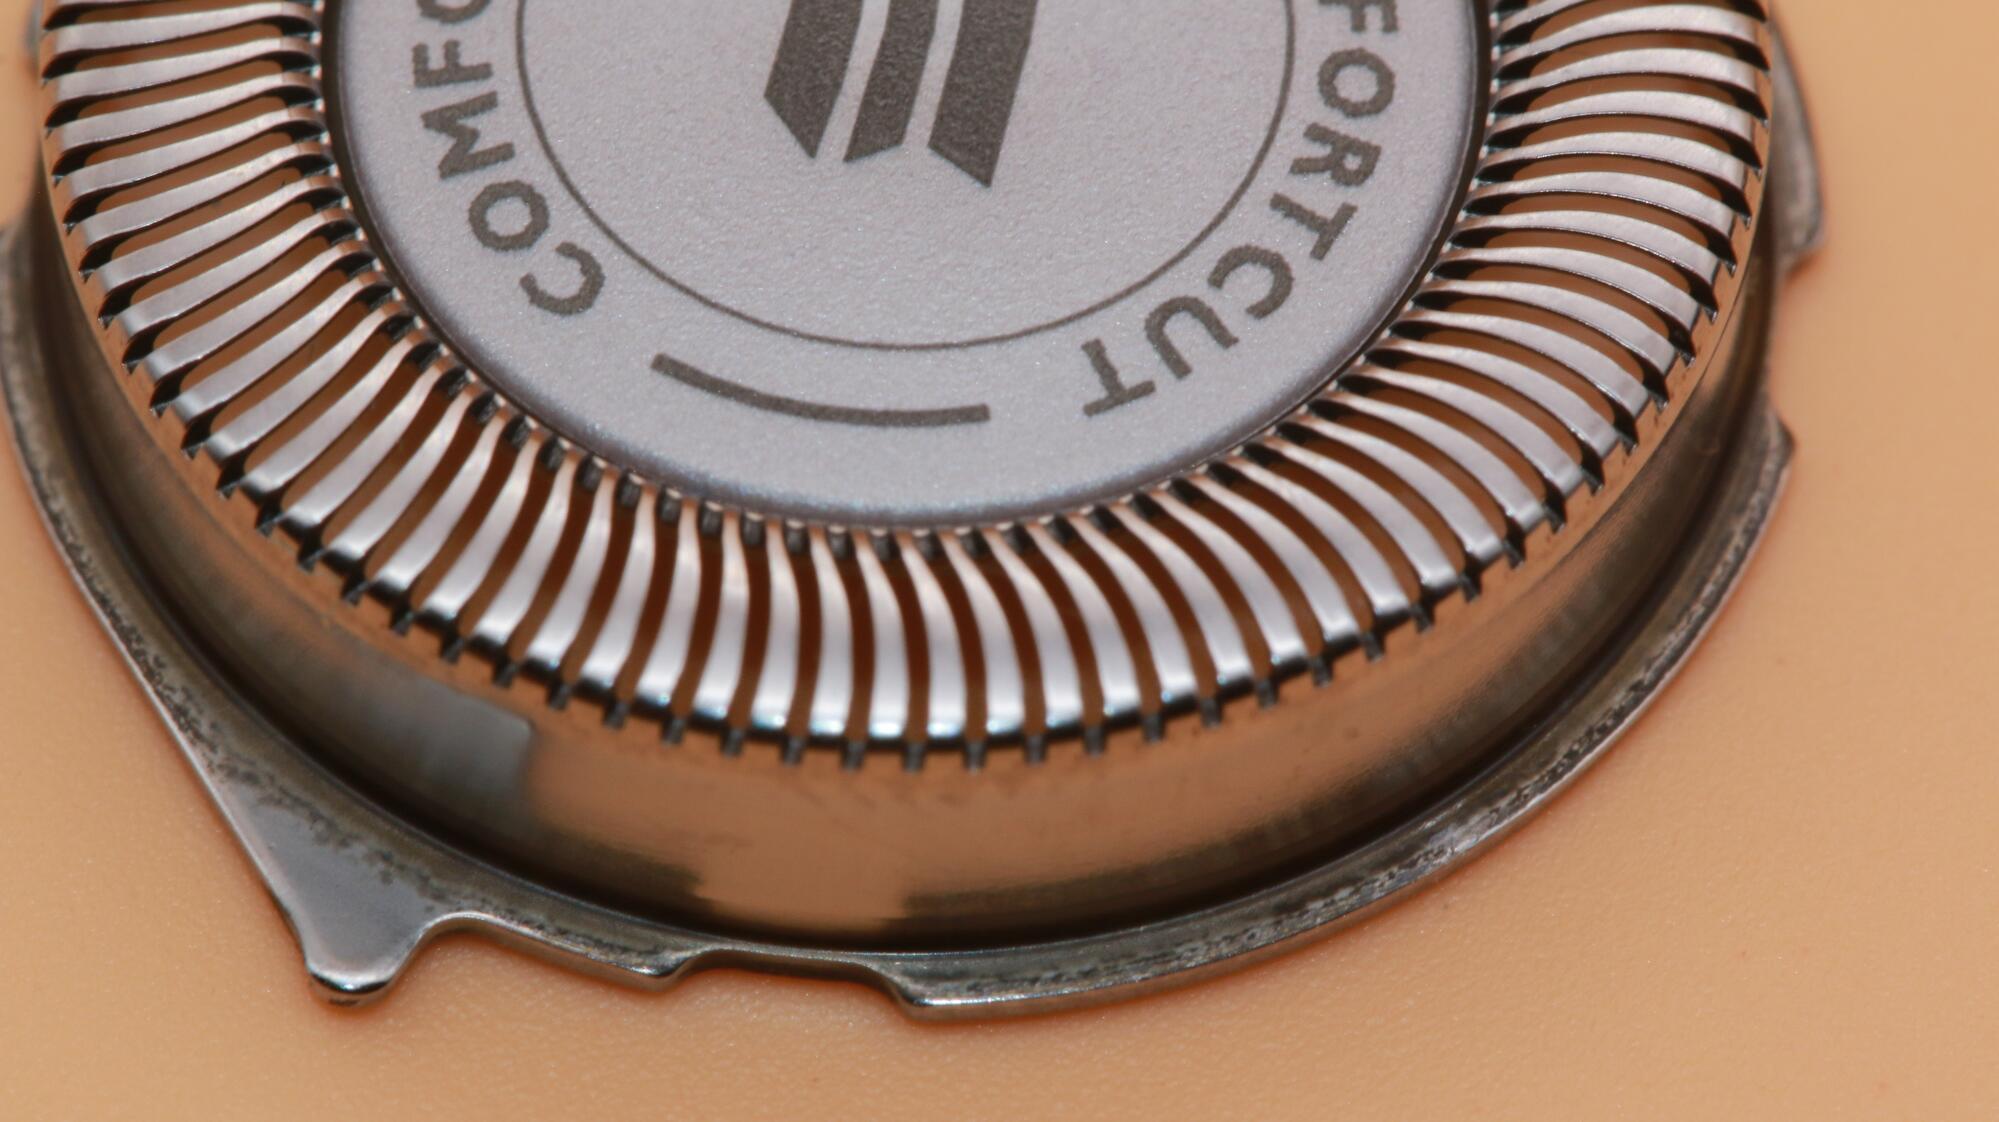 Bytovaya Tehnika - Elektrobritva Philips S3350/06 serii AquaTouch dlya suhogo i vlazhnogo britya